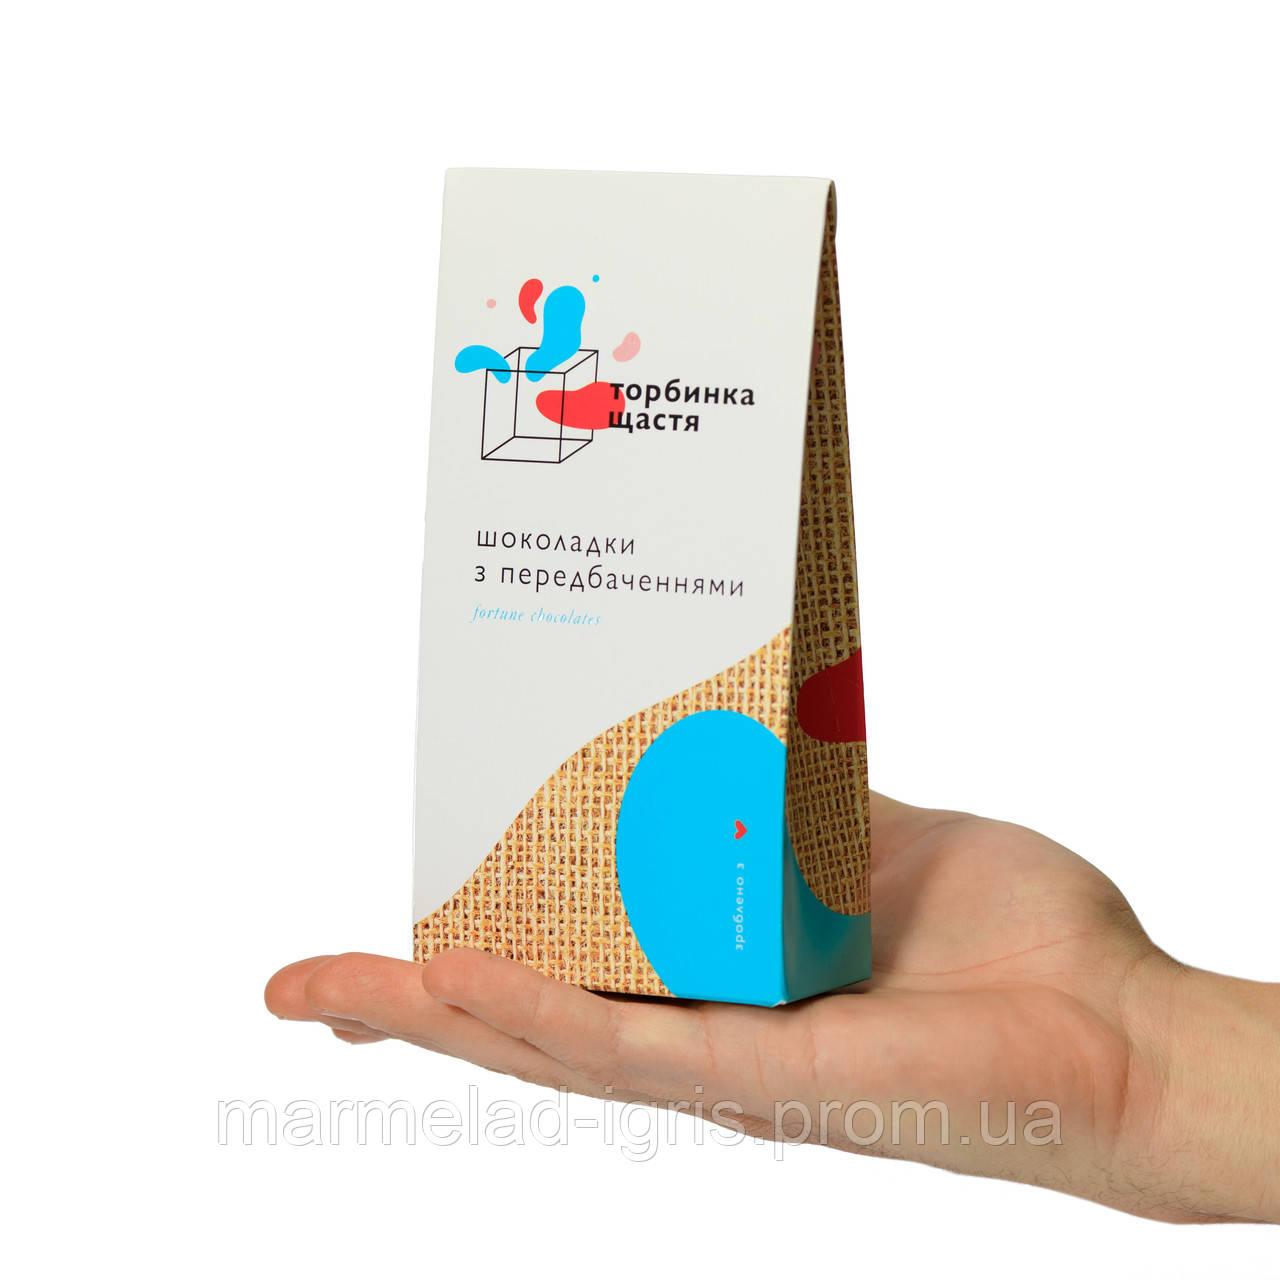 Торбинка щастя  Львовский шоколад с предсказаниями, фото 1